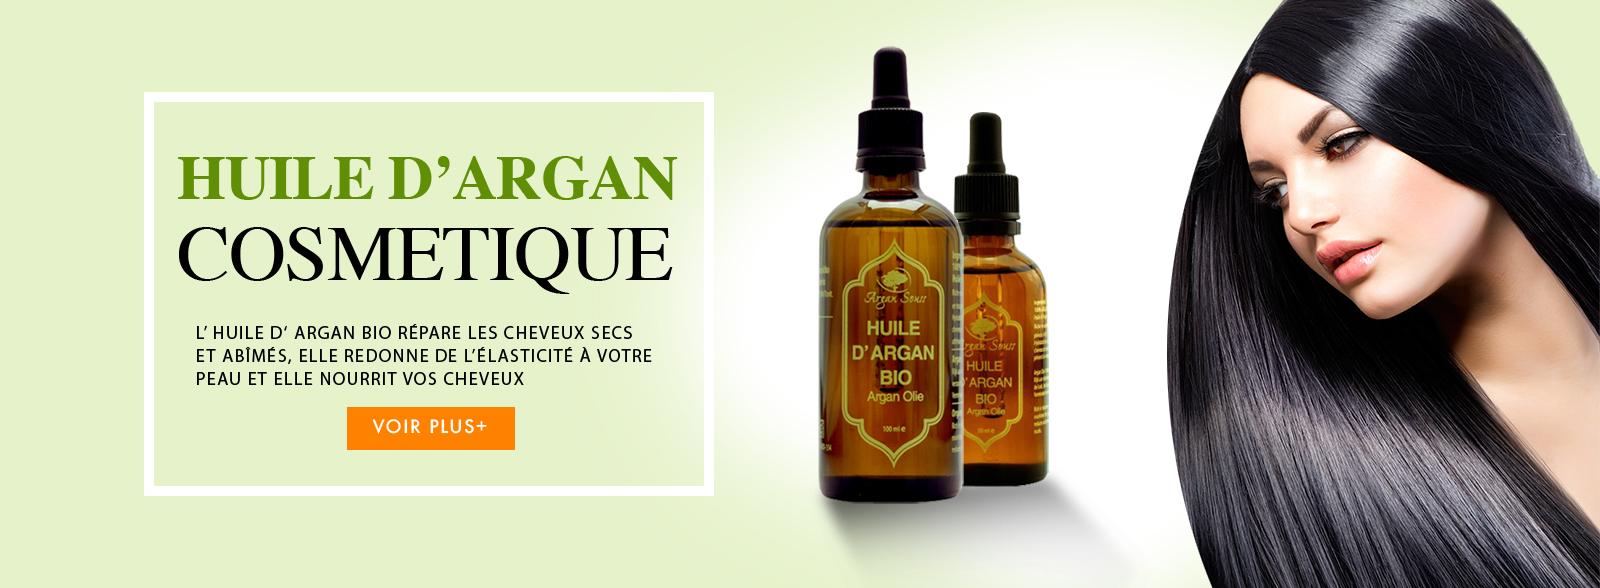 HUILE D' ARGAN POUR MES CHEVEUX